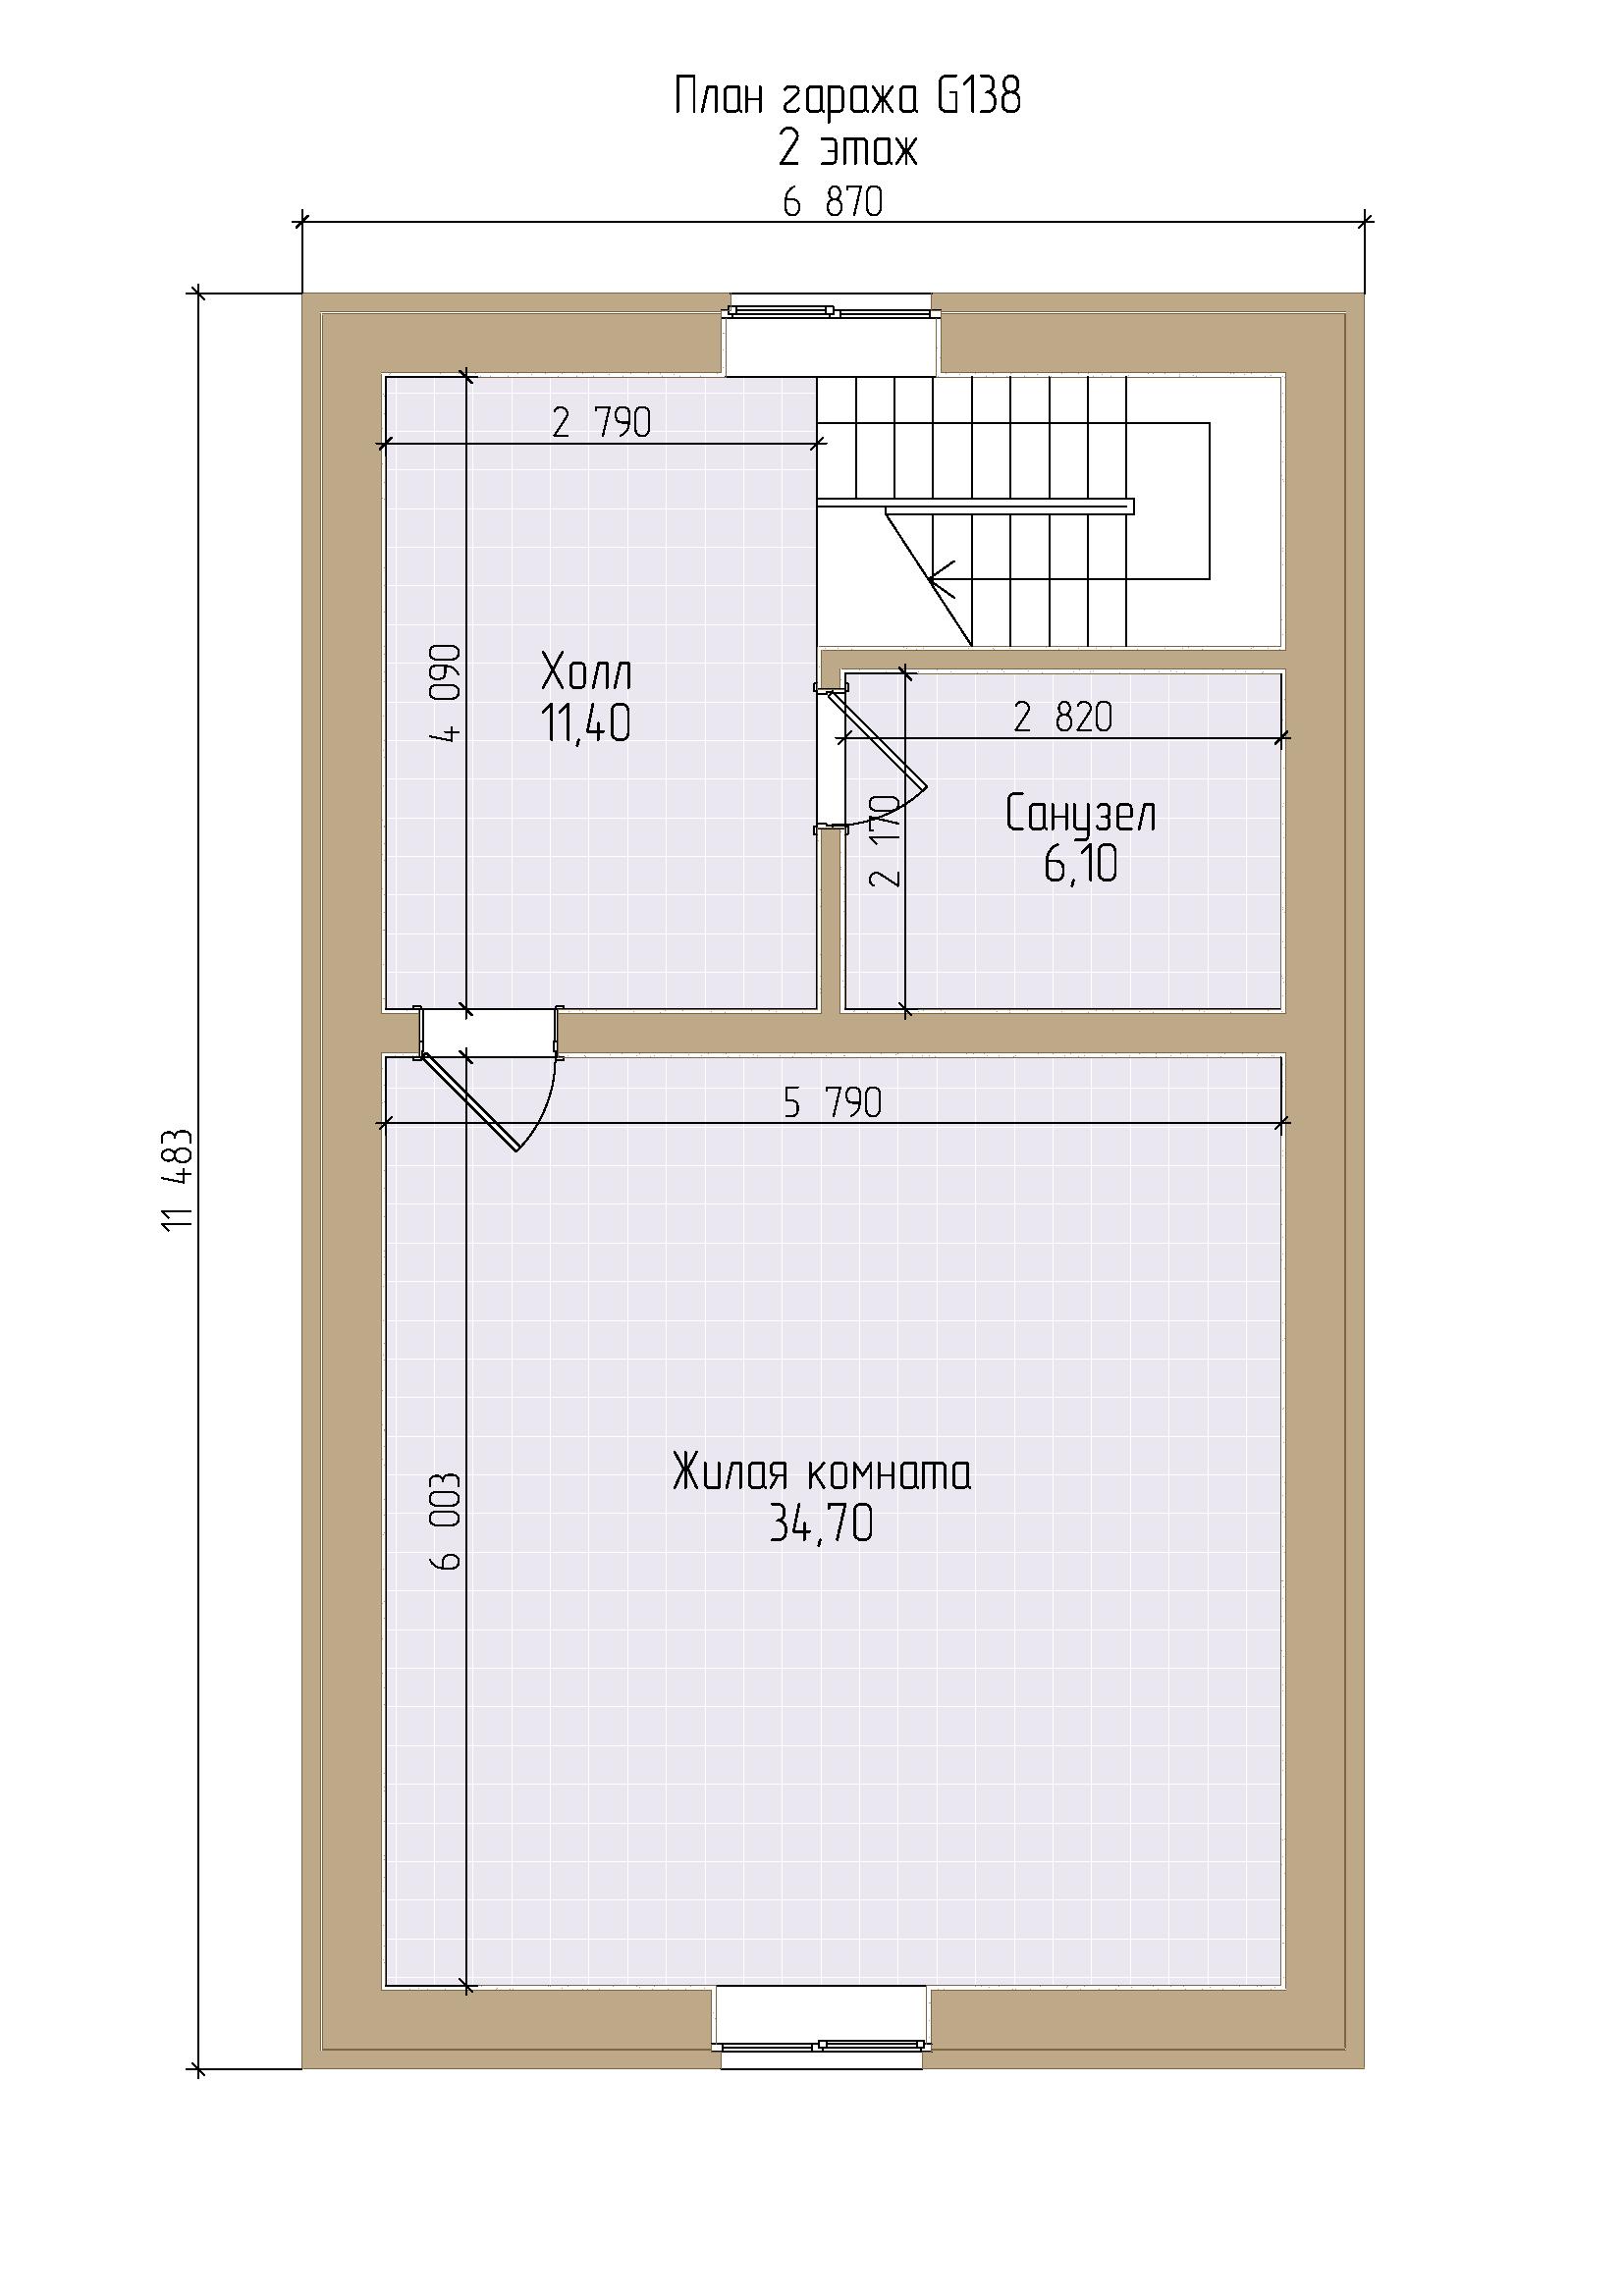 Проект гаража в стиле фахверк с жилой частью и хозблоком